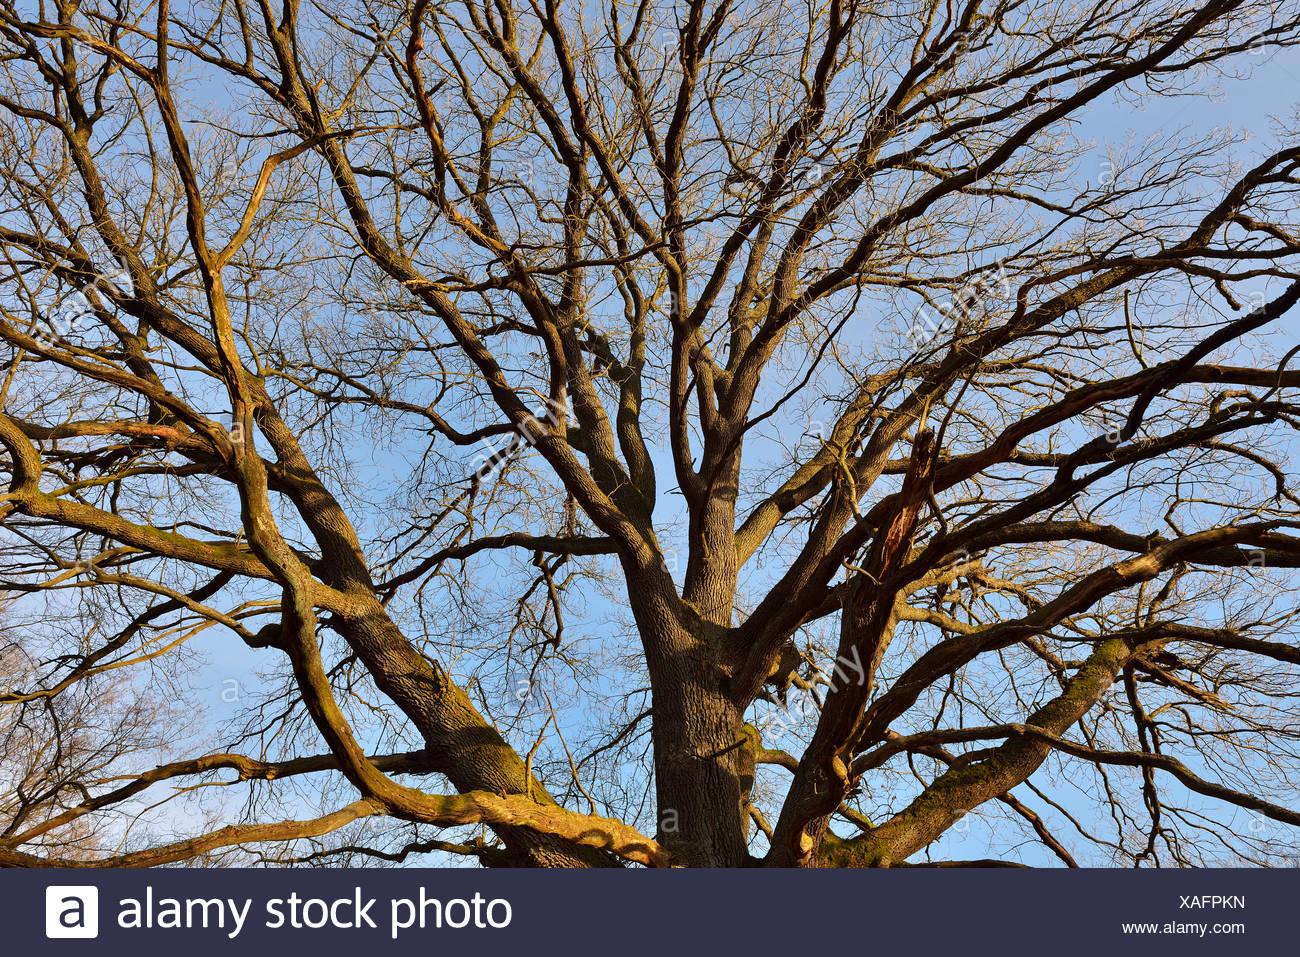 Oak Tree in early Spring, Urwald Sababurg, Hofgeismar, Reinhardswald, Hesse, Germany - Stock Image